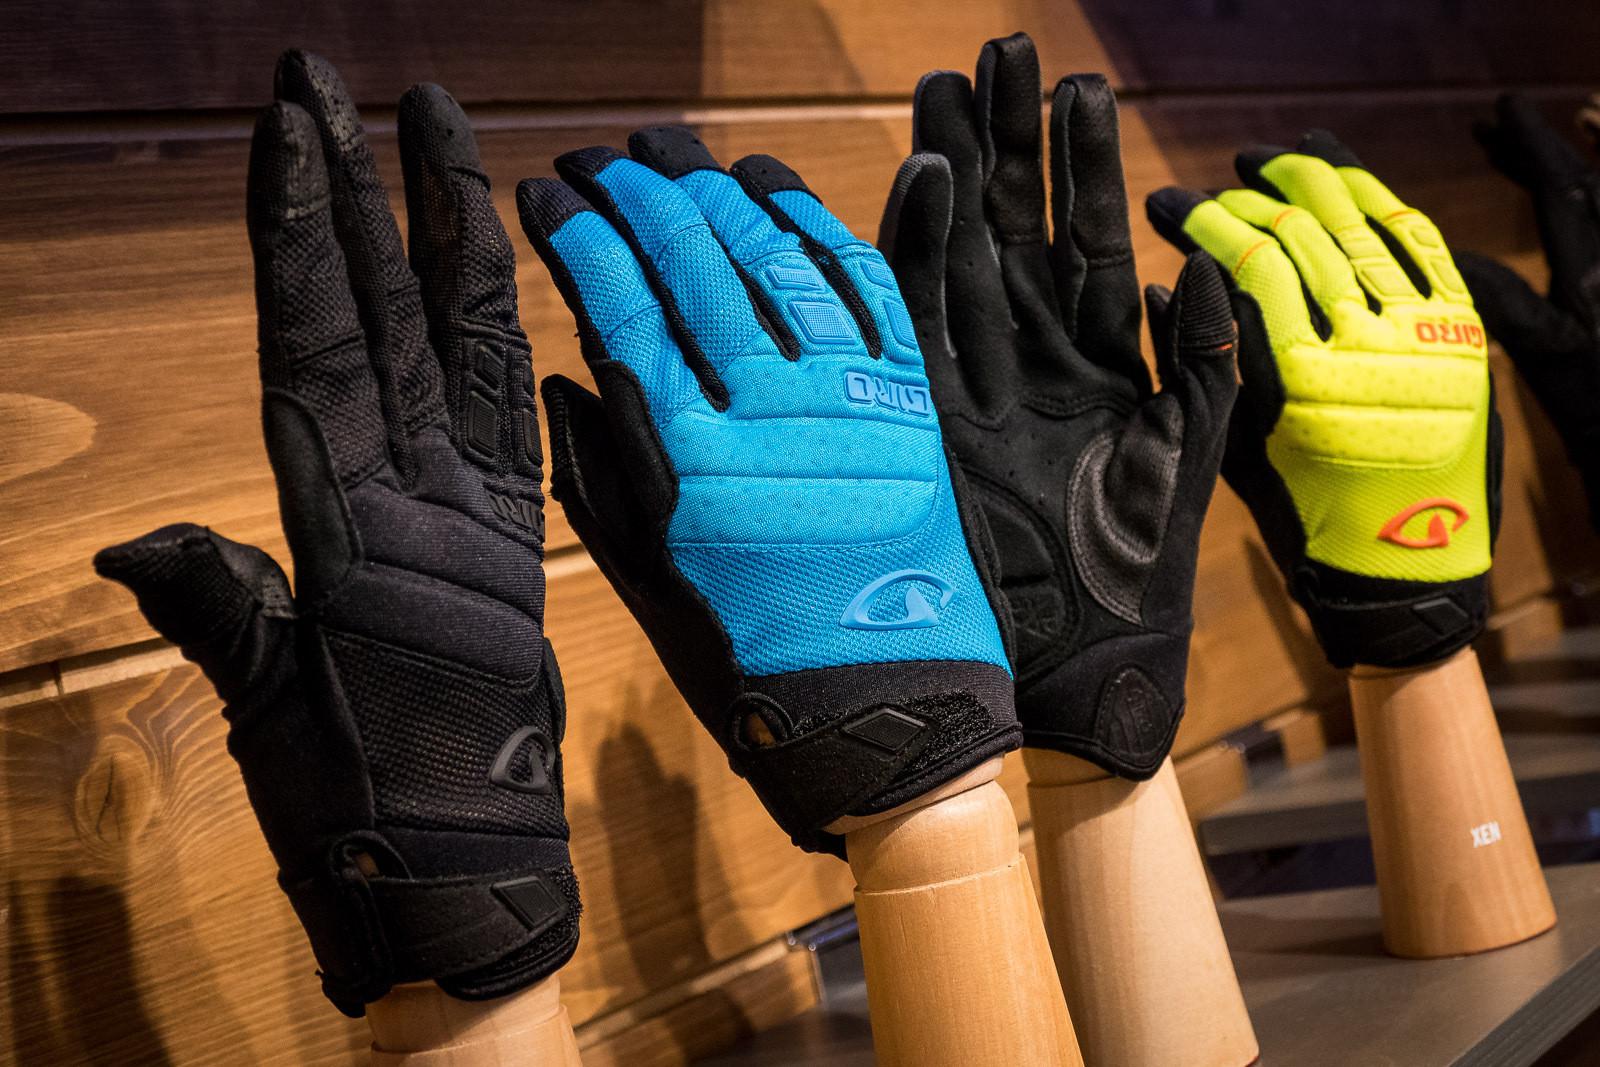 Giro Xen Gloves - 2016 Mountain Bike Apparel & Protection at Eurobike - Mountain Biking Pictures - Vital MTB